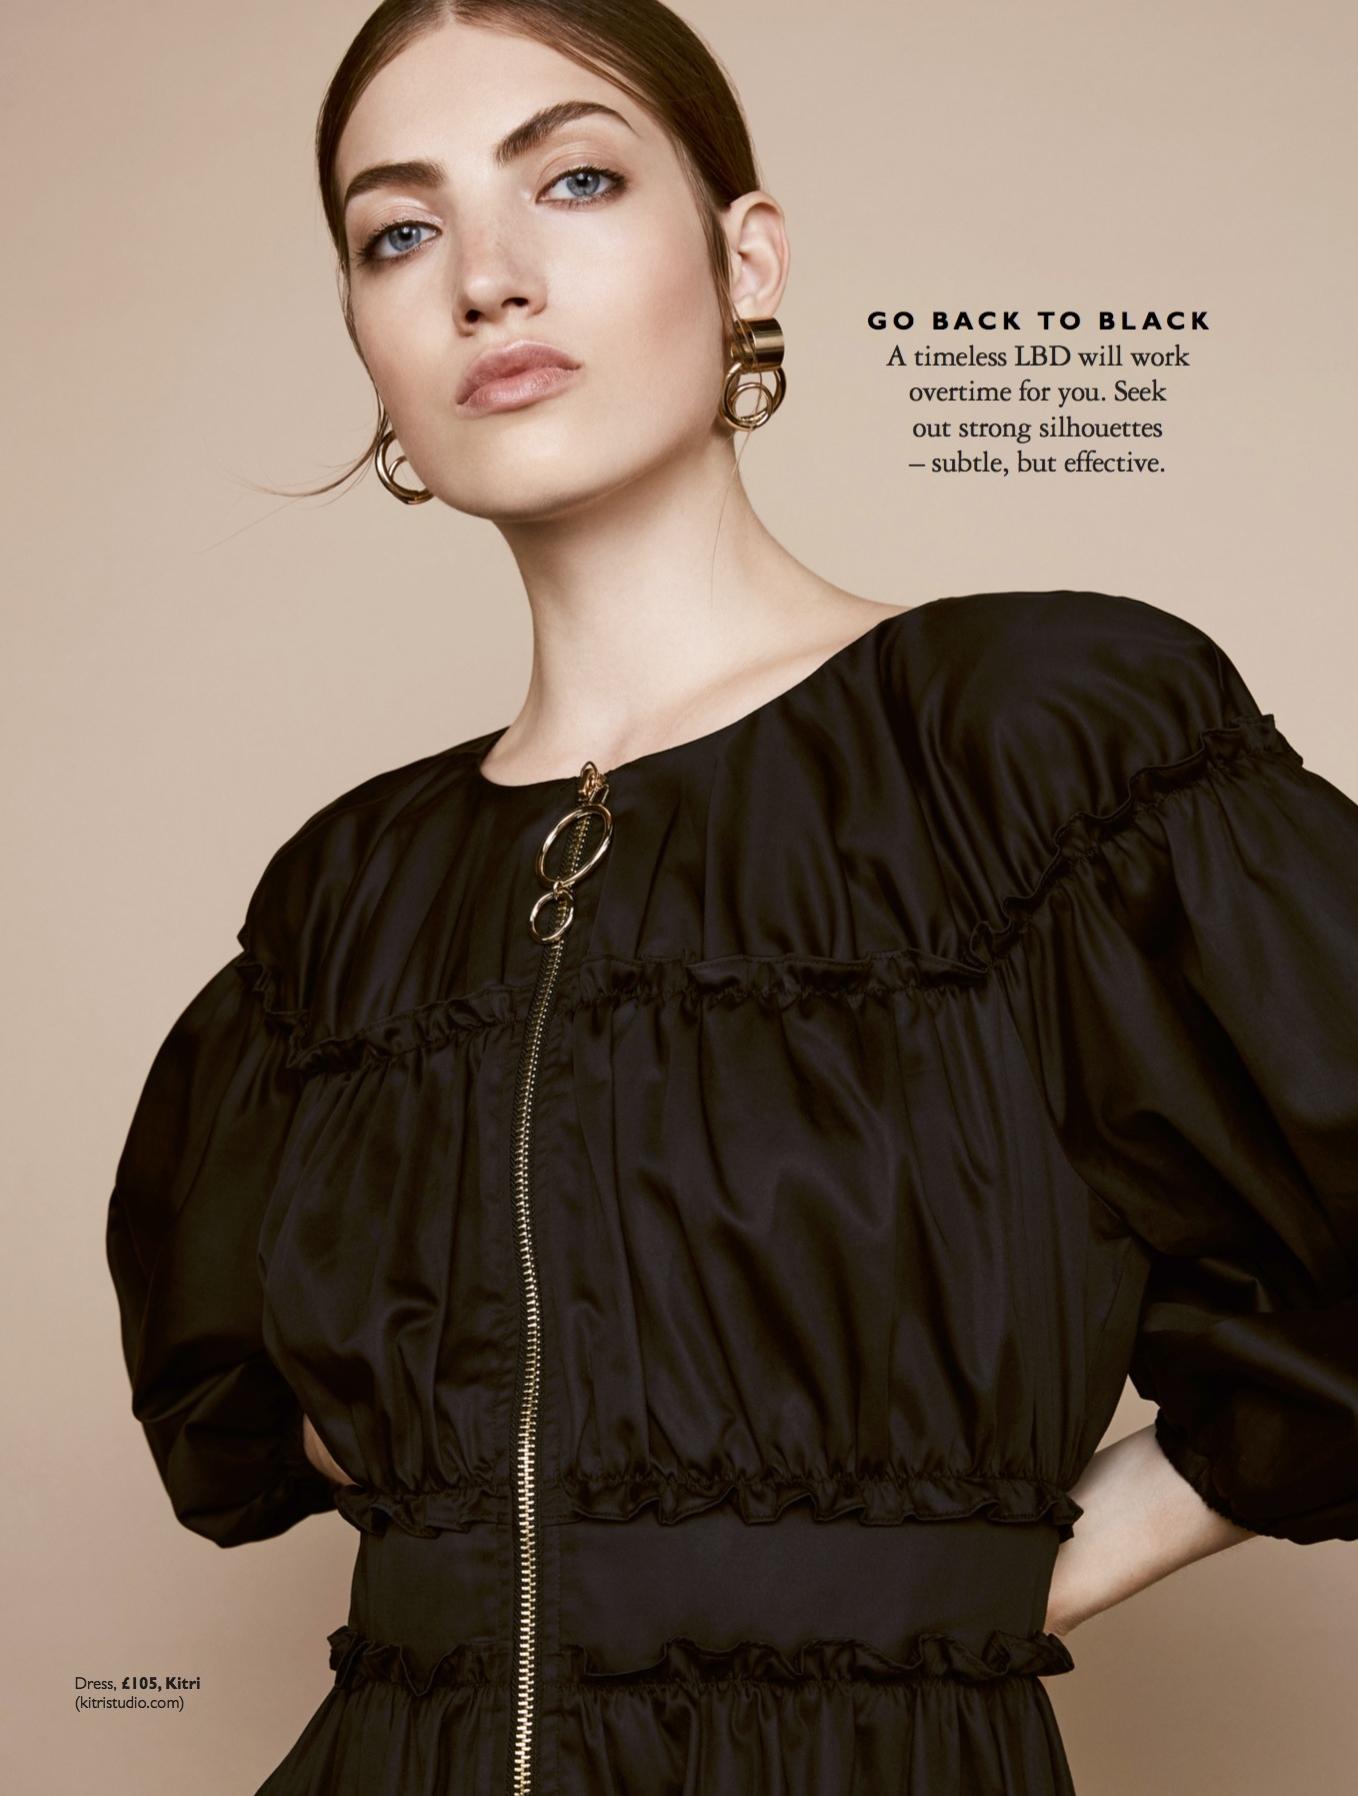 Fashion_Wardrobe Workshop Workwear_pdf_6 copy.jpg